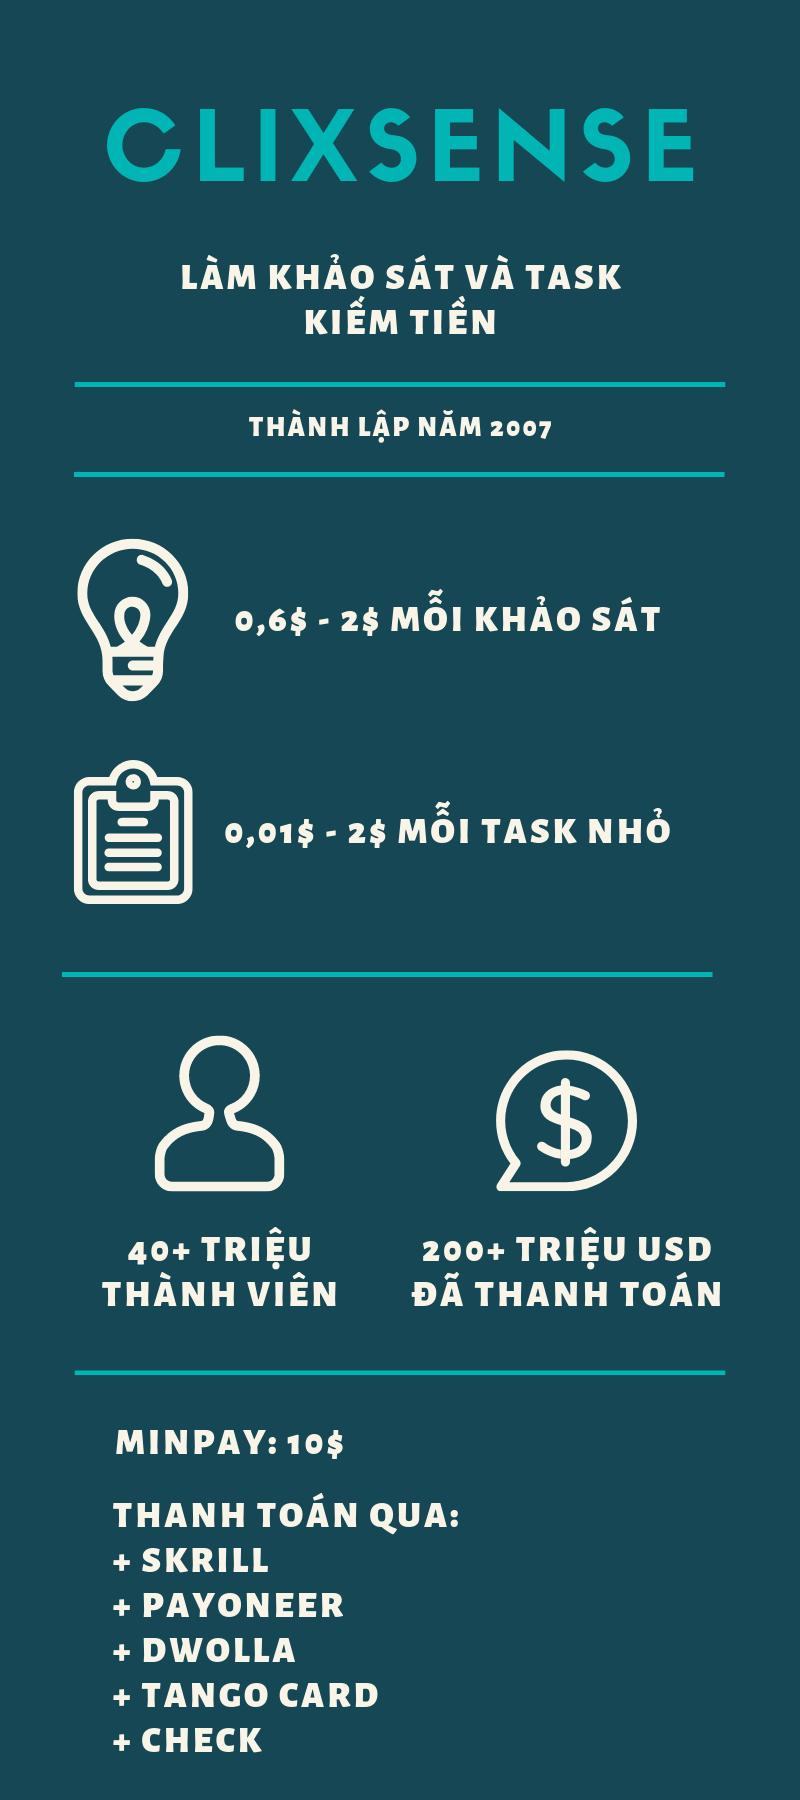 Hướng dẫn kiếm tiền Clixsense infographic